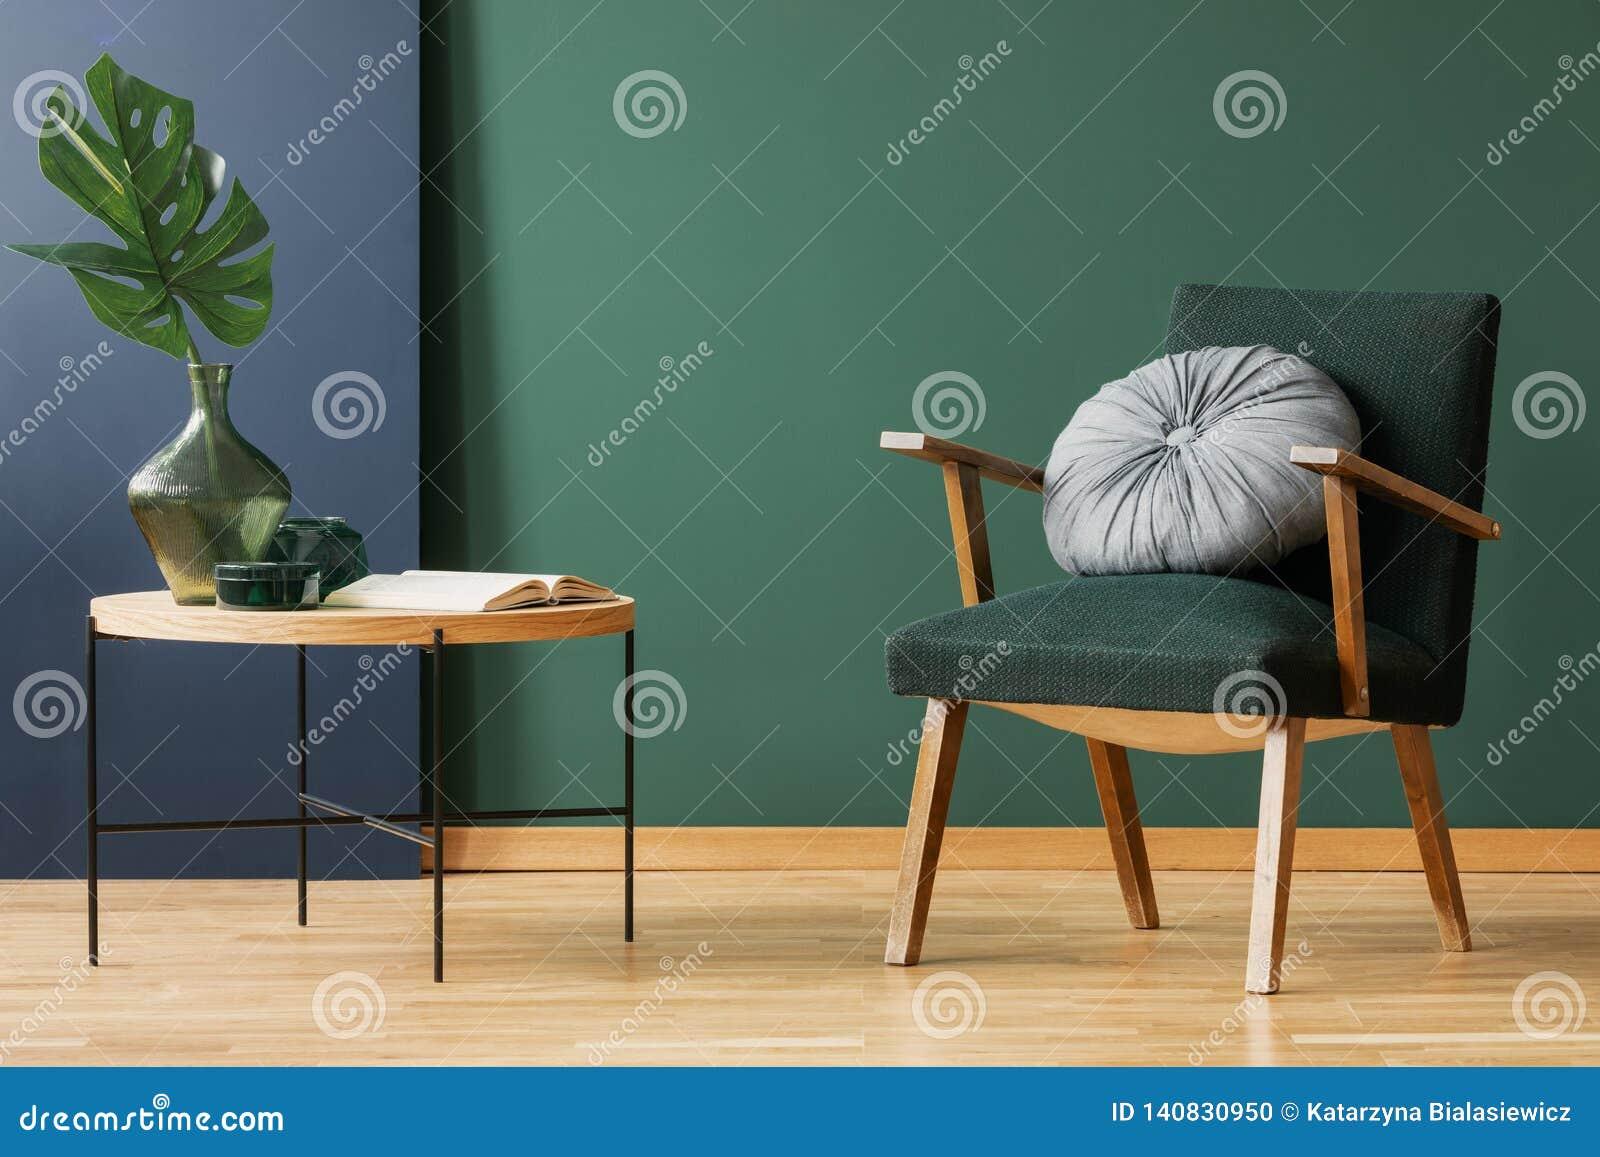 Retro poltrona verde del muschio con il giro, cuscino d argento accanto al tavolino da salotto di legno con la foglia in vaso di